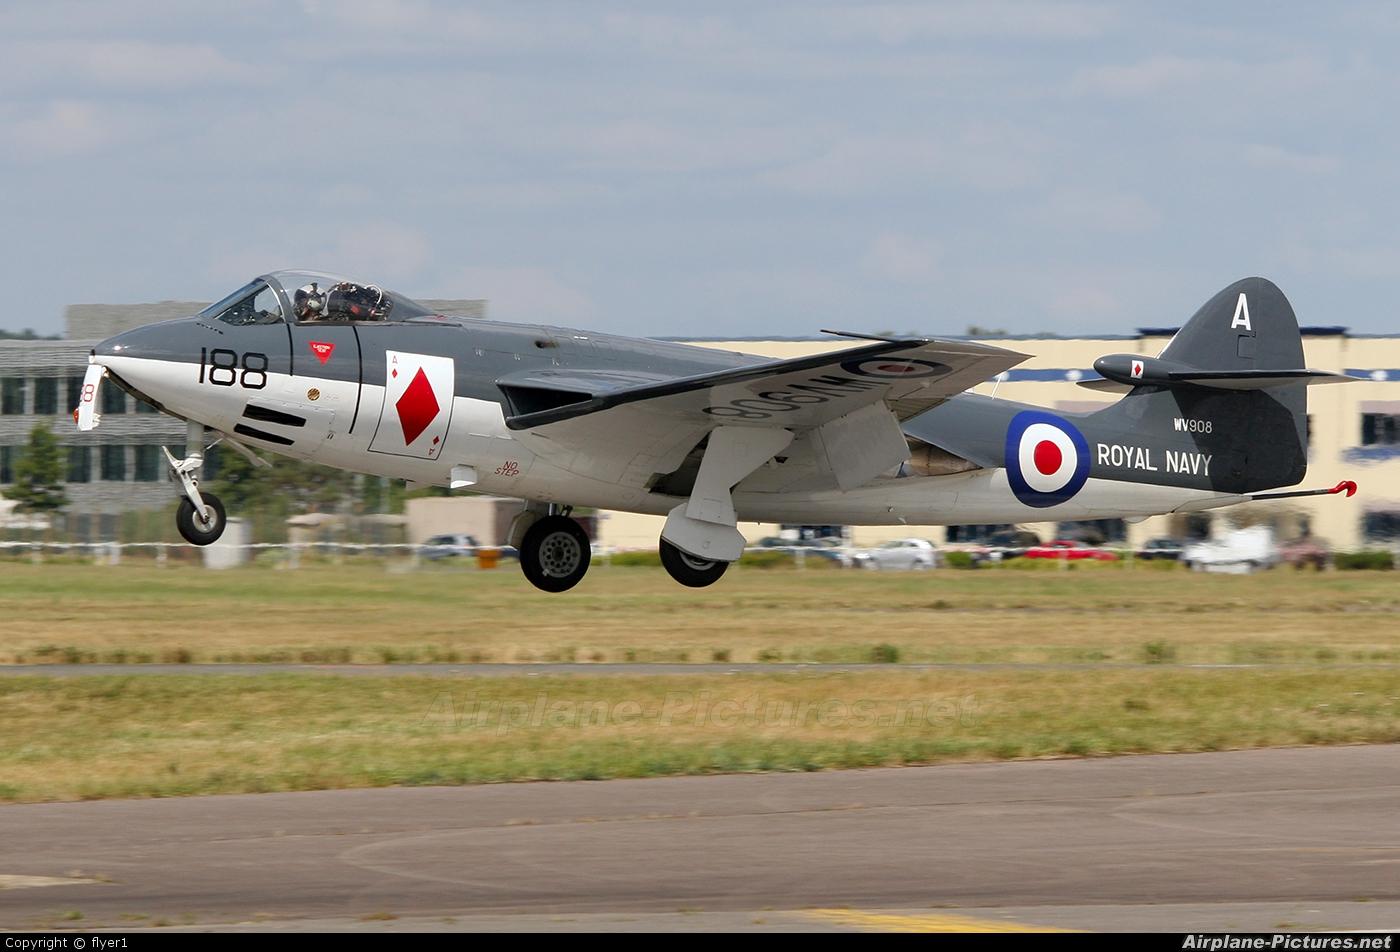 """Royal Navy """"Historic Flight"""" WV908 aircraft at Farnborough"""